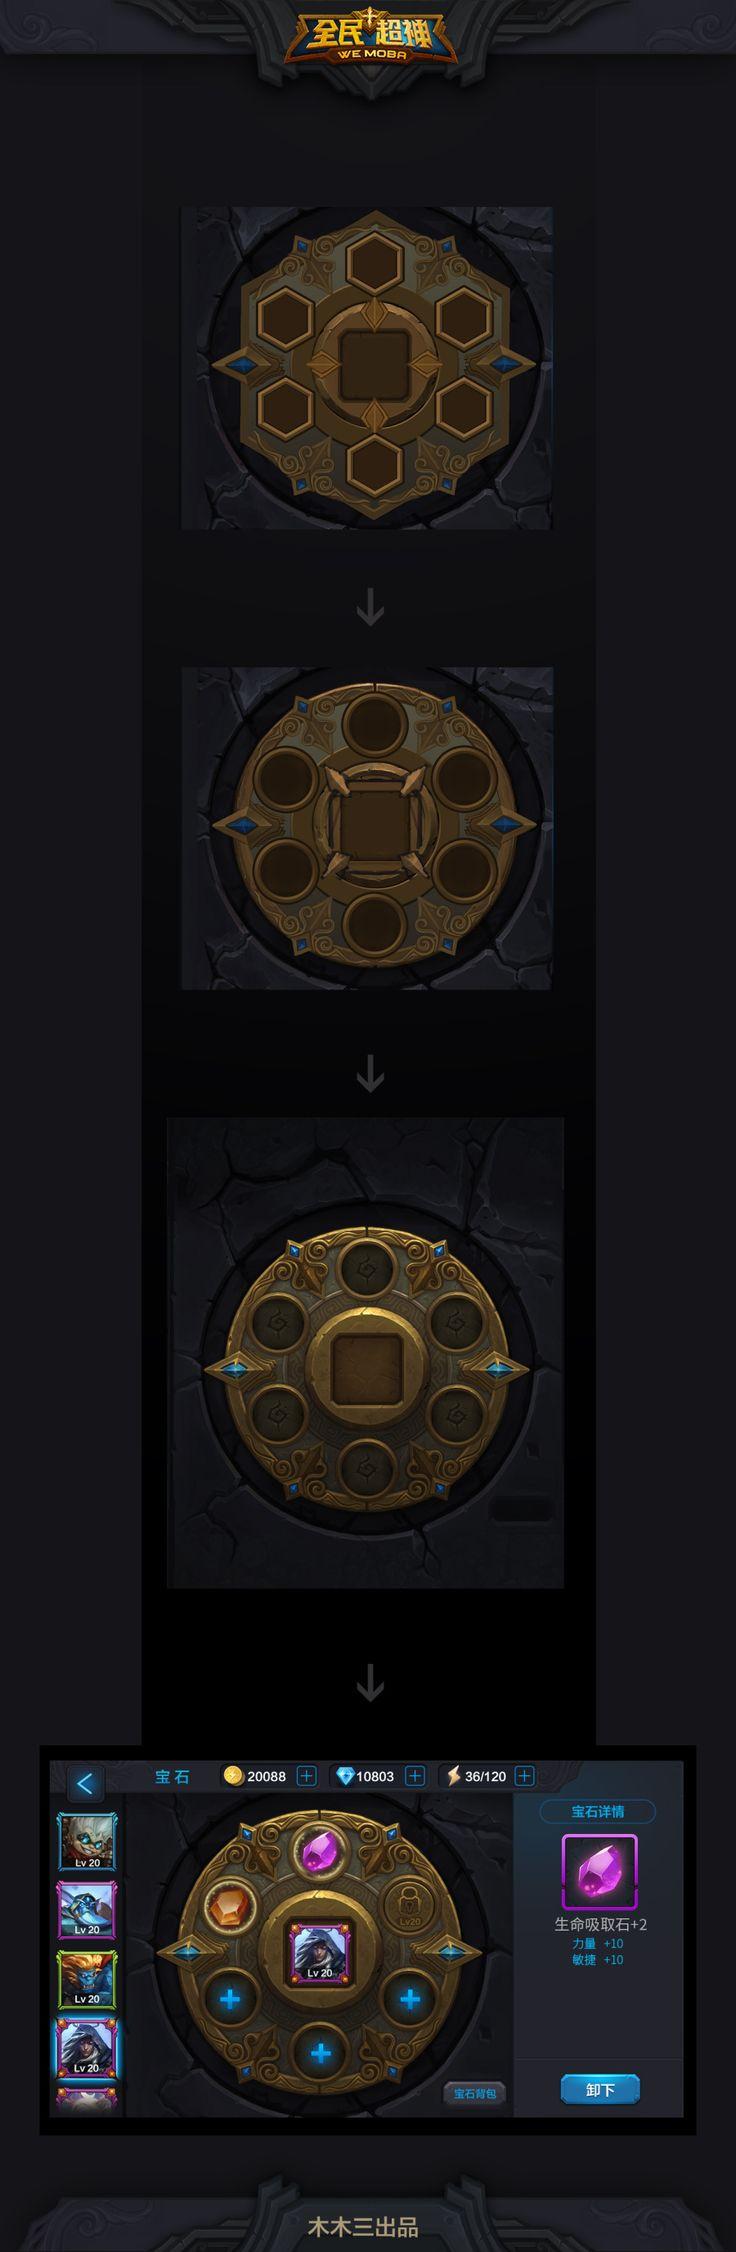 游戏界面UI|游戏UI|UI|木Mu三 - 原创设计作品 - 站酷 (ZCOOL) http://www.zcool.com.cn/work/ZMTUzNzQ4NDA=.html